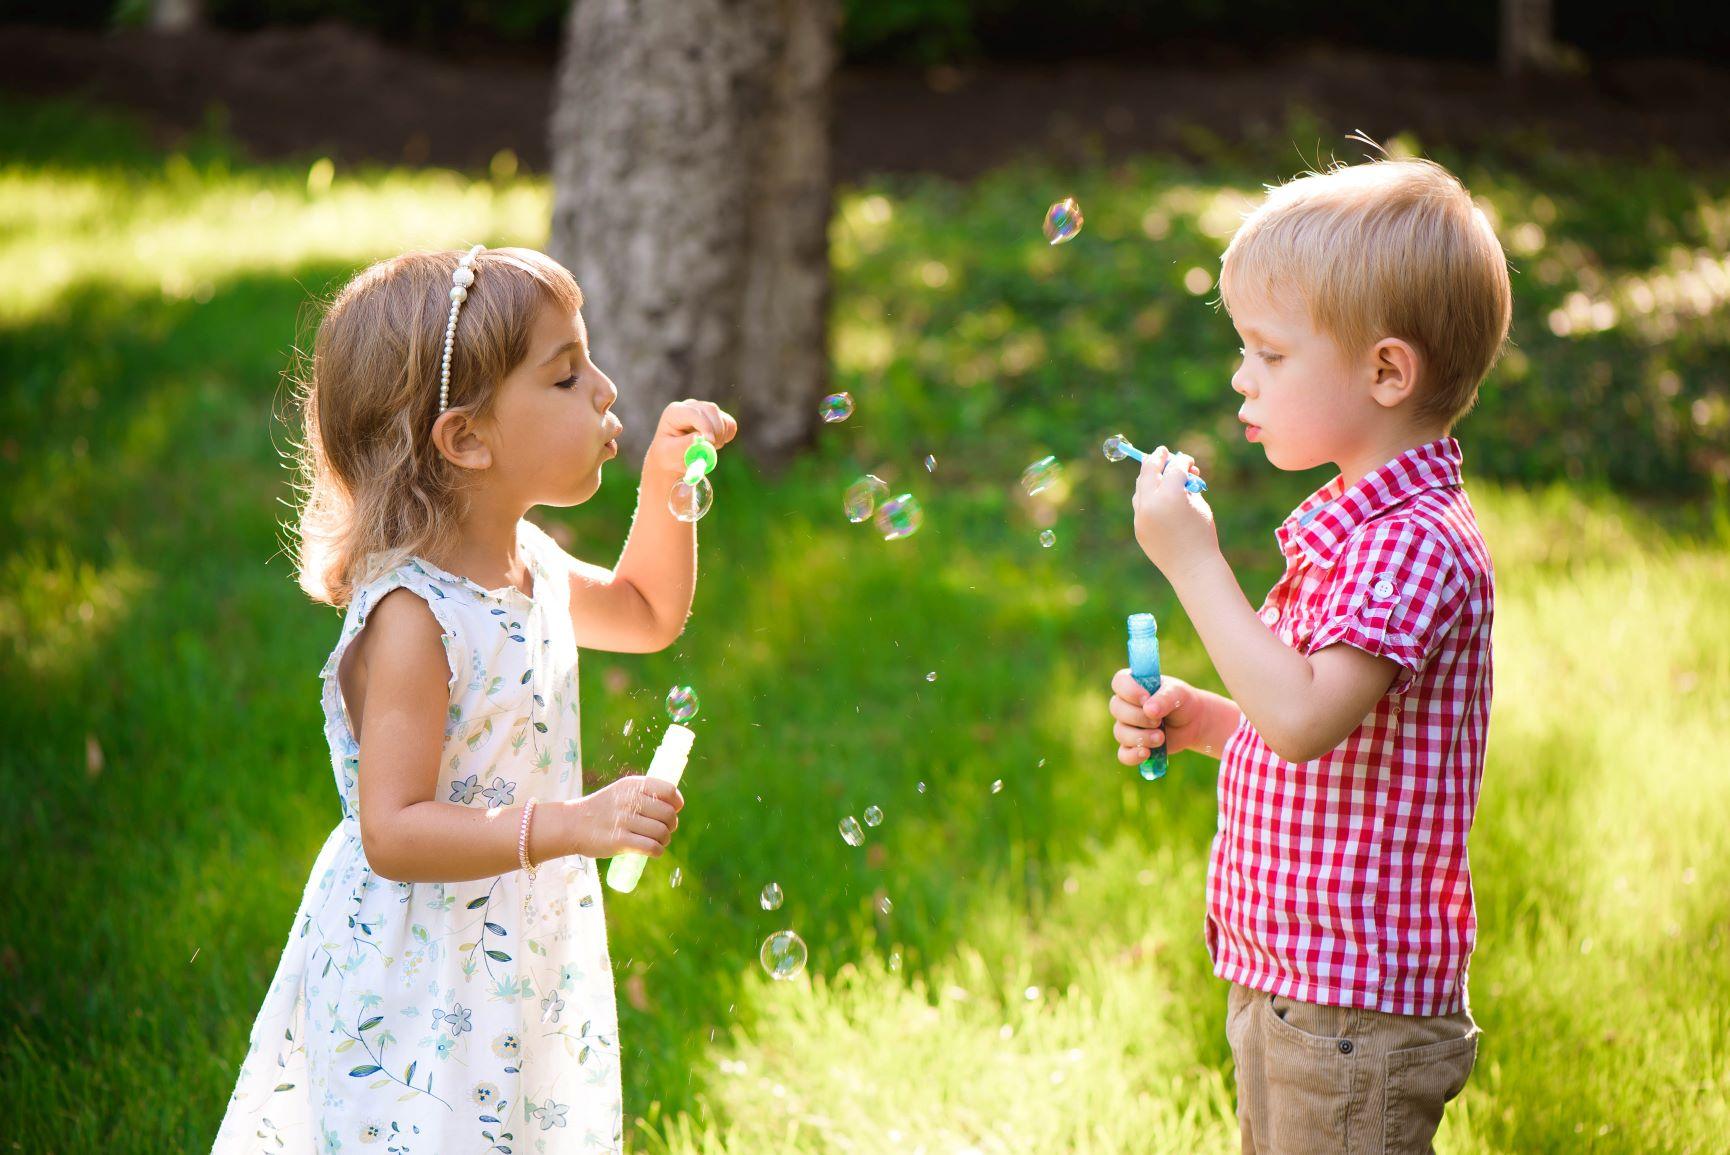 Dzień Dziecka - Zabawki